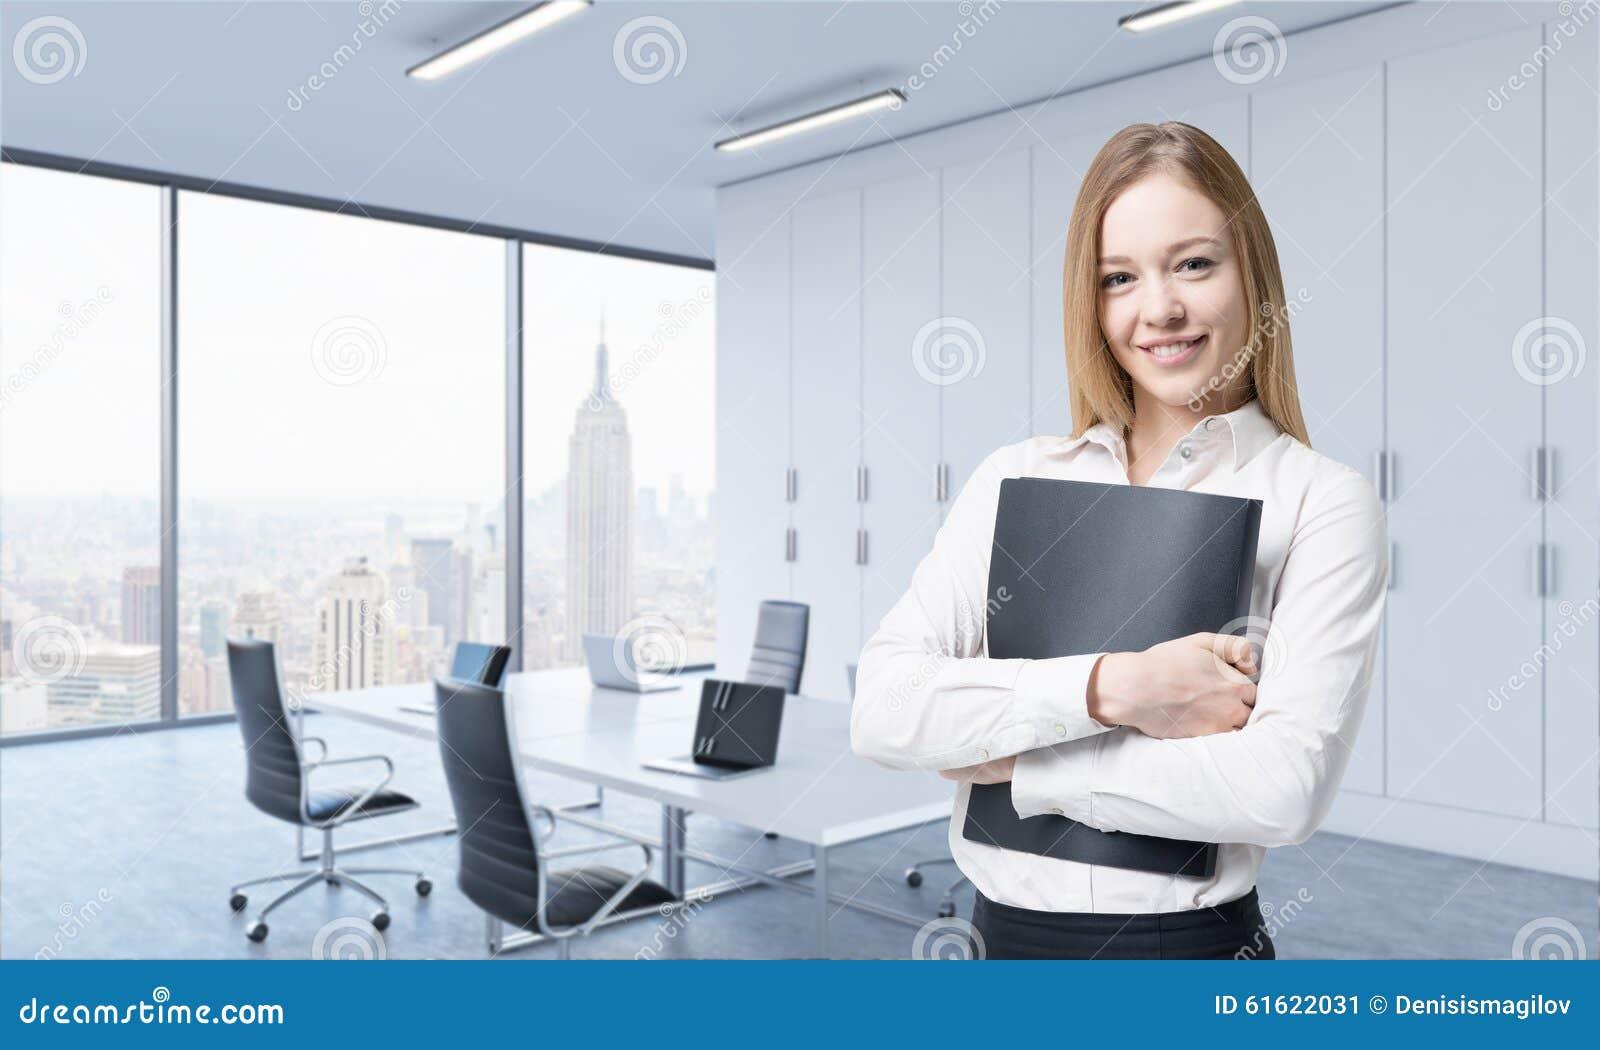 Eine schöne lächelnde Frau hält einen schwarzen Dokumentenordner im modernen panoramischen Büro